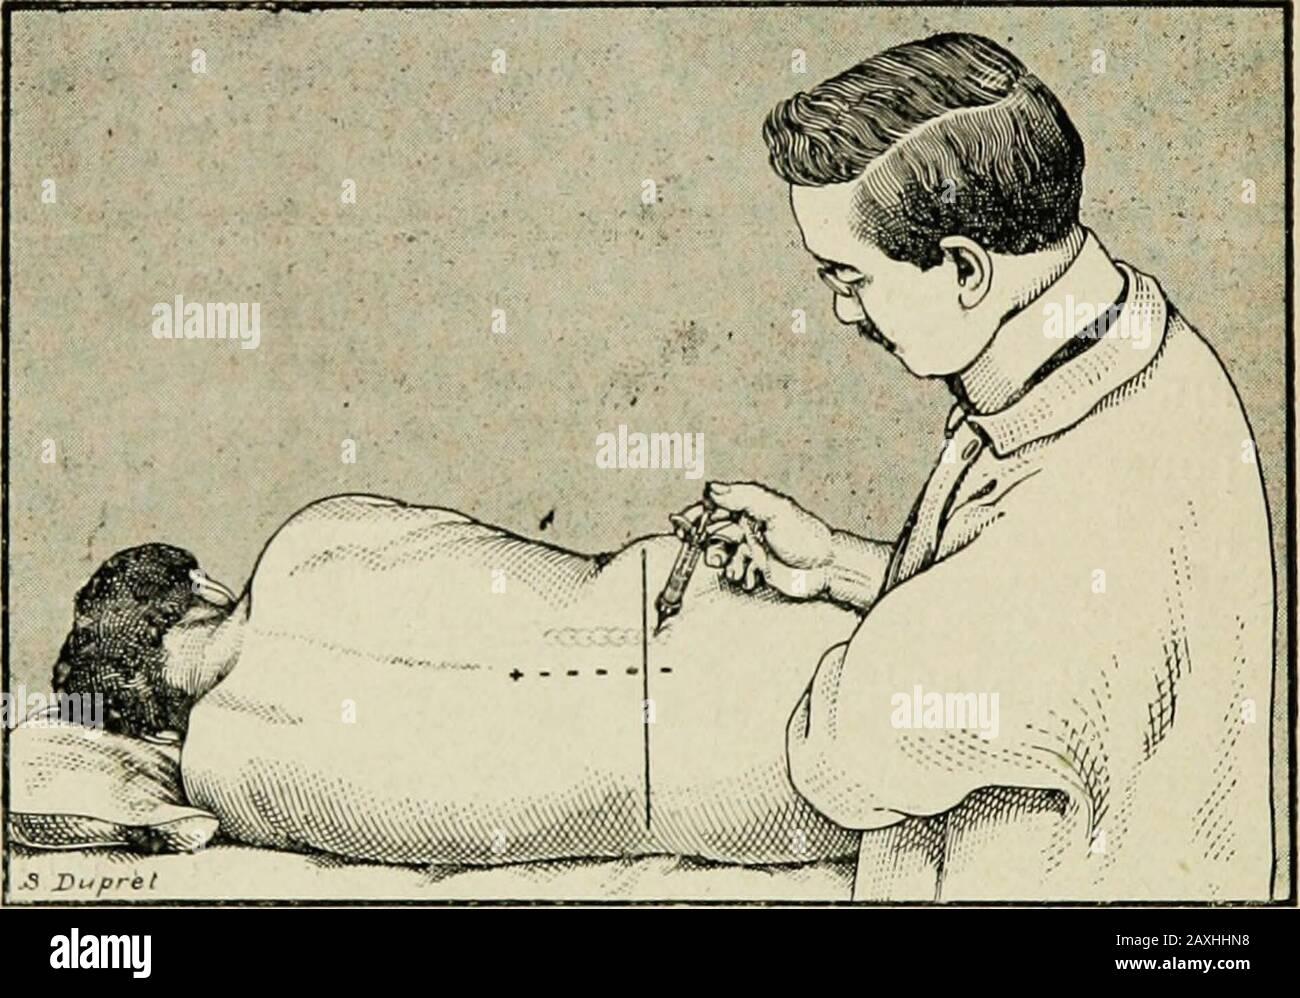 Contribution à l'ʹetude de l'anesthʹesie paravertébrale en brugrie gastrique et intestins . ousser lentement linjection commeil est dit plus halit. Pour la paravcrtêhraie luinbuirc, noir techniqueest à peu près celle de Pauchet, Sourdat et Labouré.piquer laiguille à 3 cm. De la ligne médiane, en re-gard de langle droit de lapisse pinéeux,prendre acte lapsus lapsus-lapsus, neophyse en-leitar, hre-leitar, negder, negder, negder, negder, negans, negder an, negder, negder, behried, negder an, behre-behre-beh Lenfoncerde 2 à 3 cm. Et là injecteur 5 à 6 c. de la solution en (i) Gaston Labat. — Palhogénie de la Banque D'Images